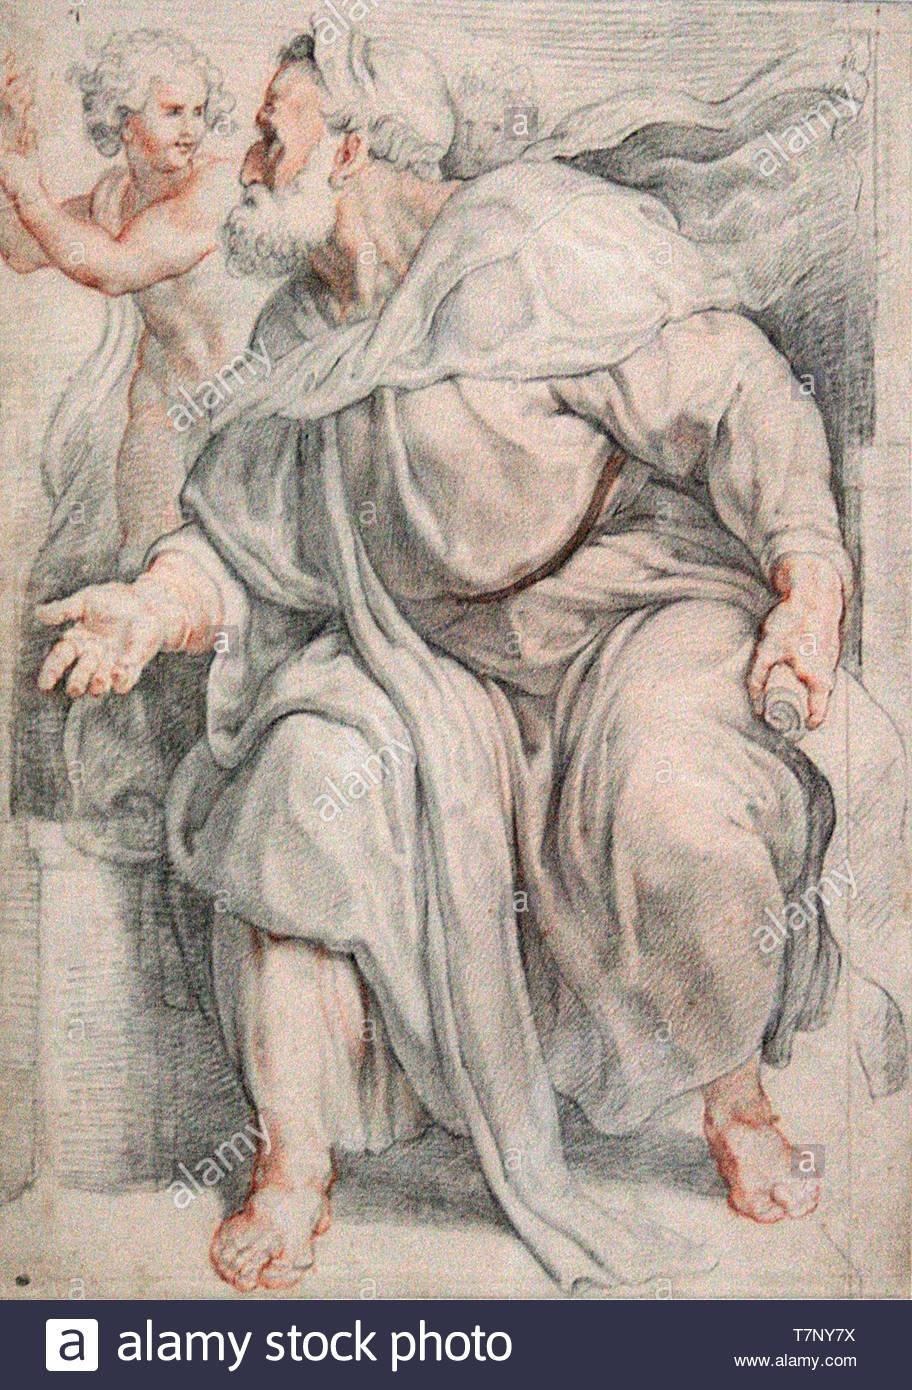 Peter-Paul-Rubens-The Prophet Ezekiel - Stock Image